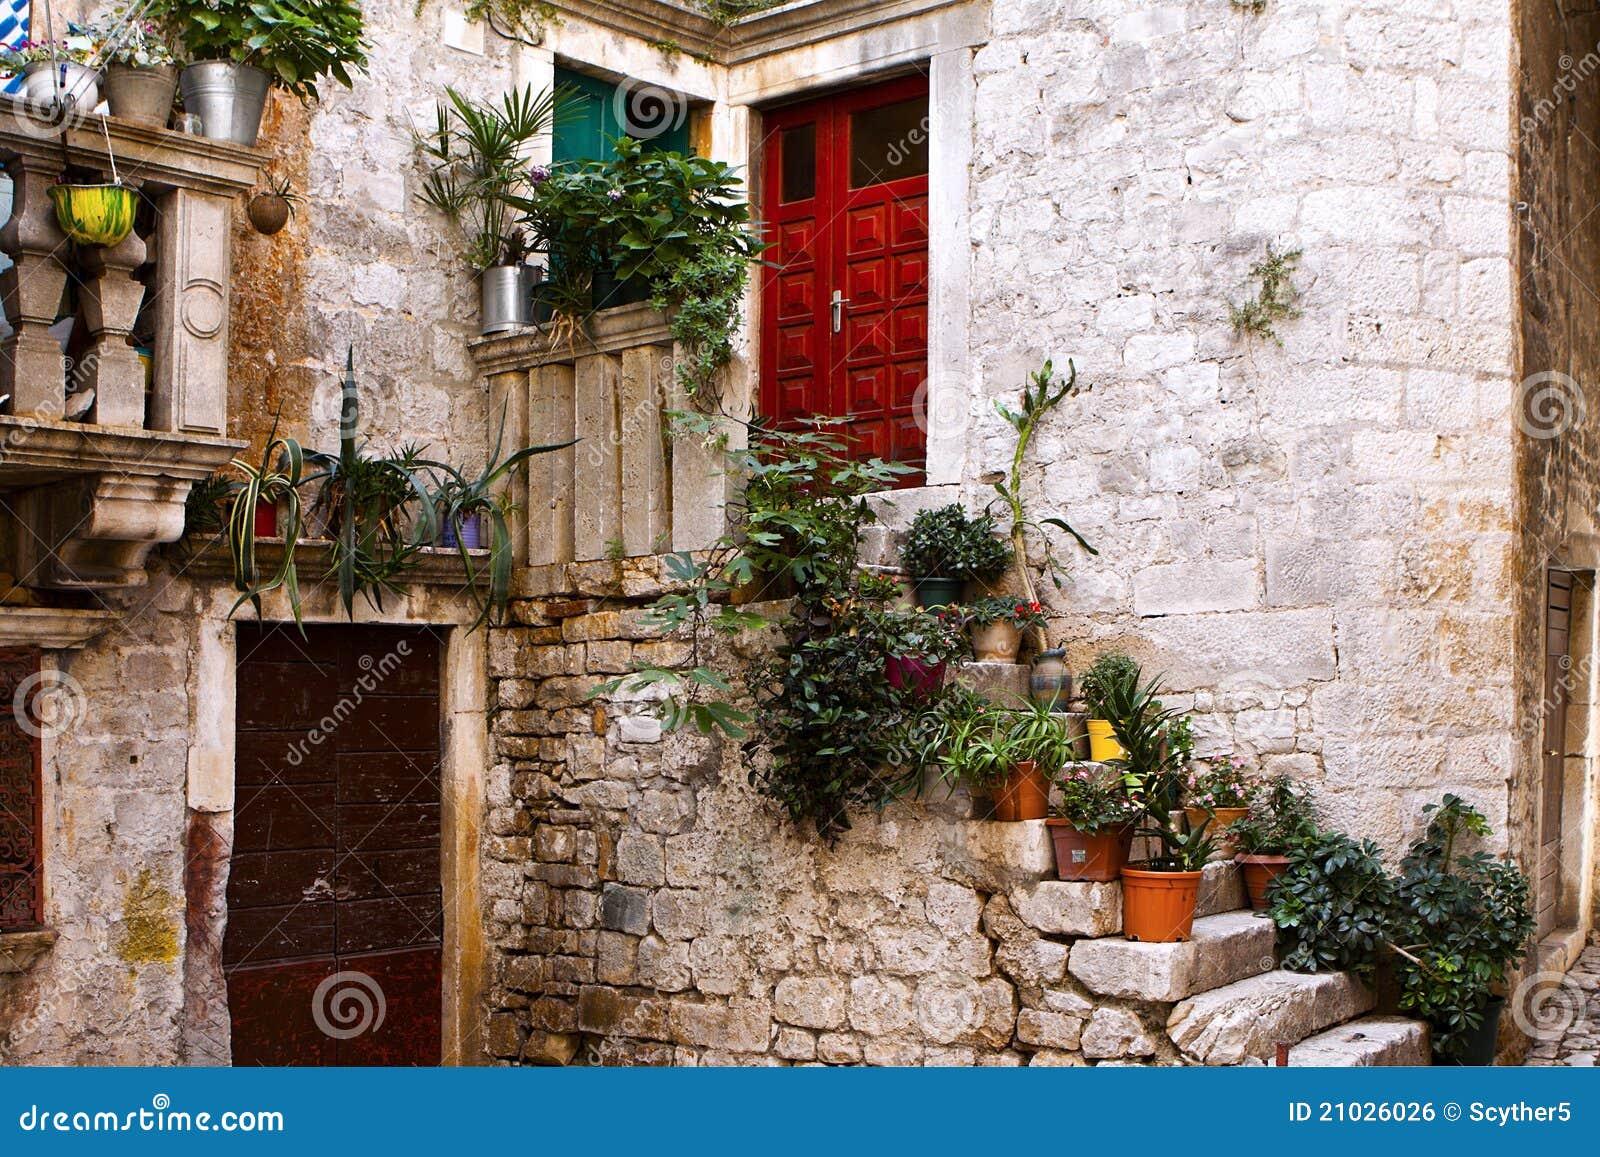 Italian Village Tuscany Royalty Free Stock Image Image